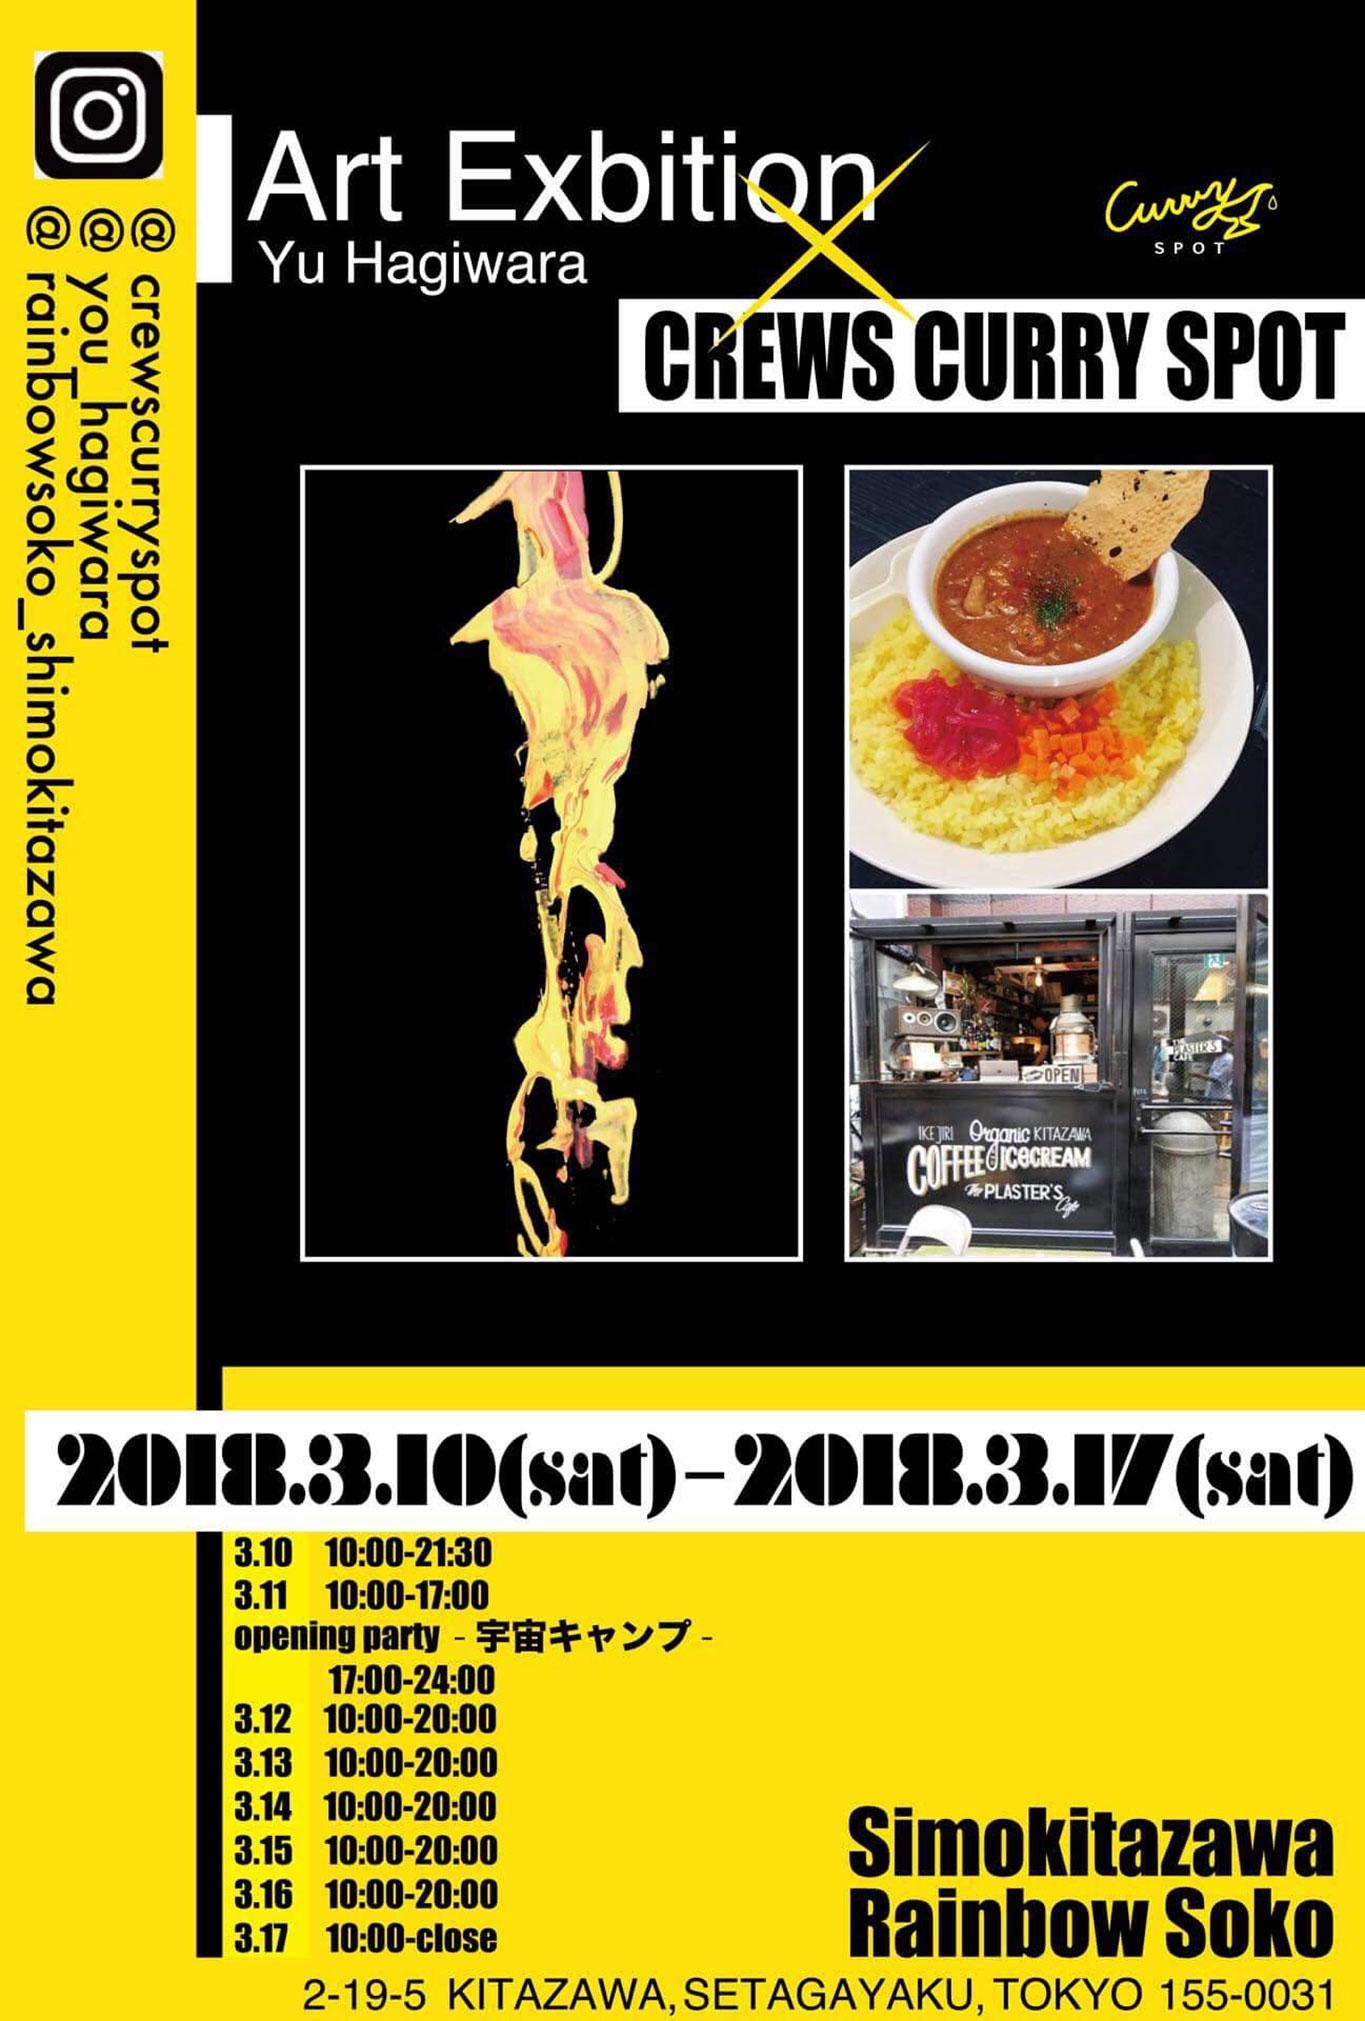 180303-yuhagiwara_main_01